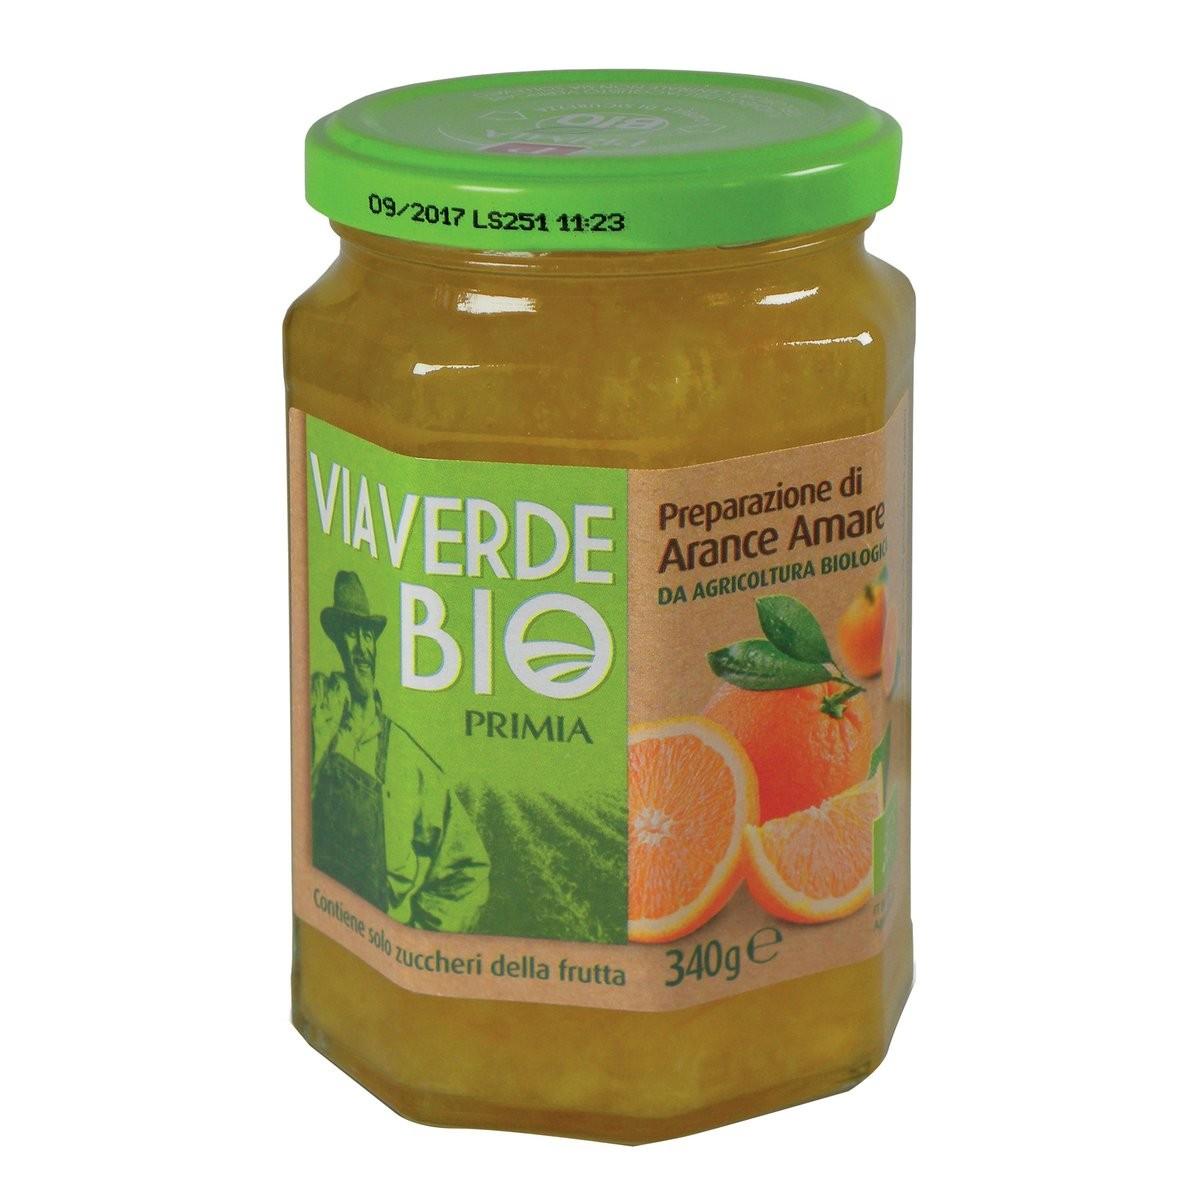 Confettura di arance amare Via Verde Bio